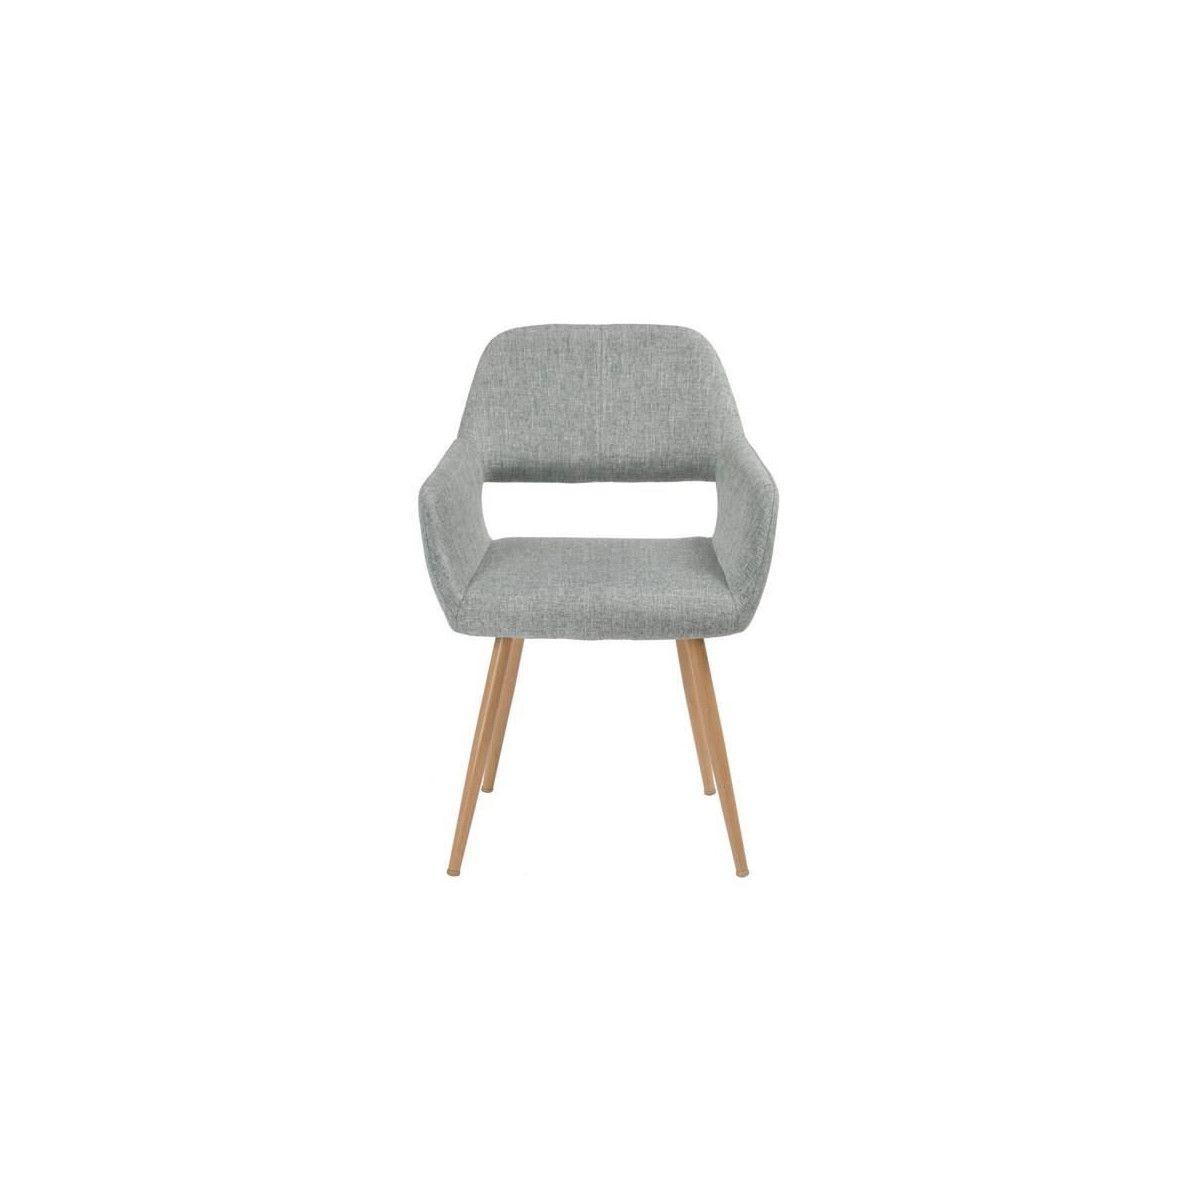 bdf087ffe6a67 cromwell-chaise-de -salle-a-manger-en-metal-imprime-bois-revetement-tissu-grise-style-scandinave-l-56-x-p-56-cm.jpg